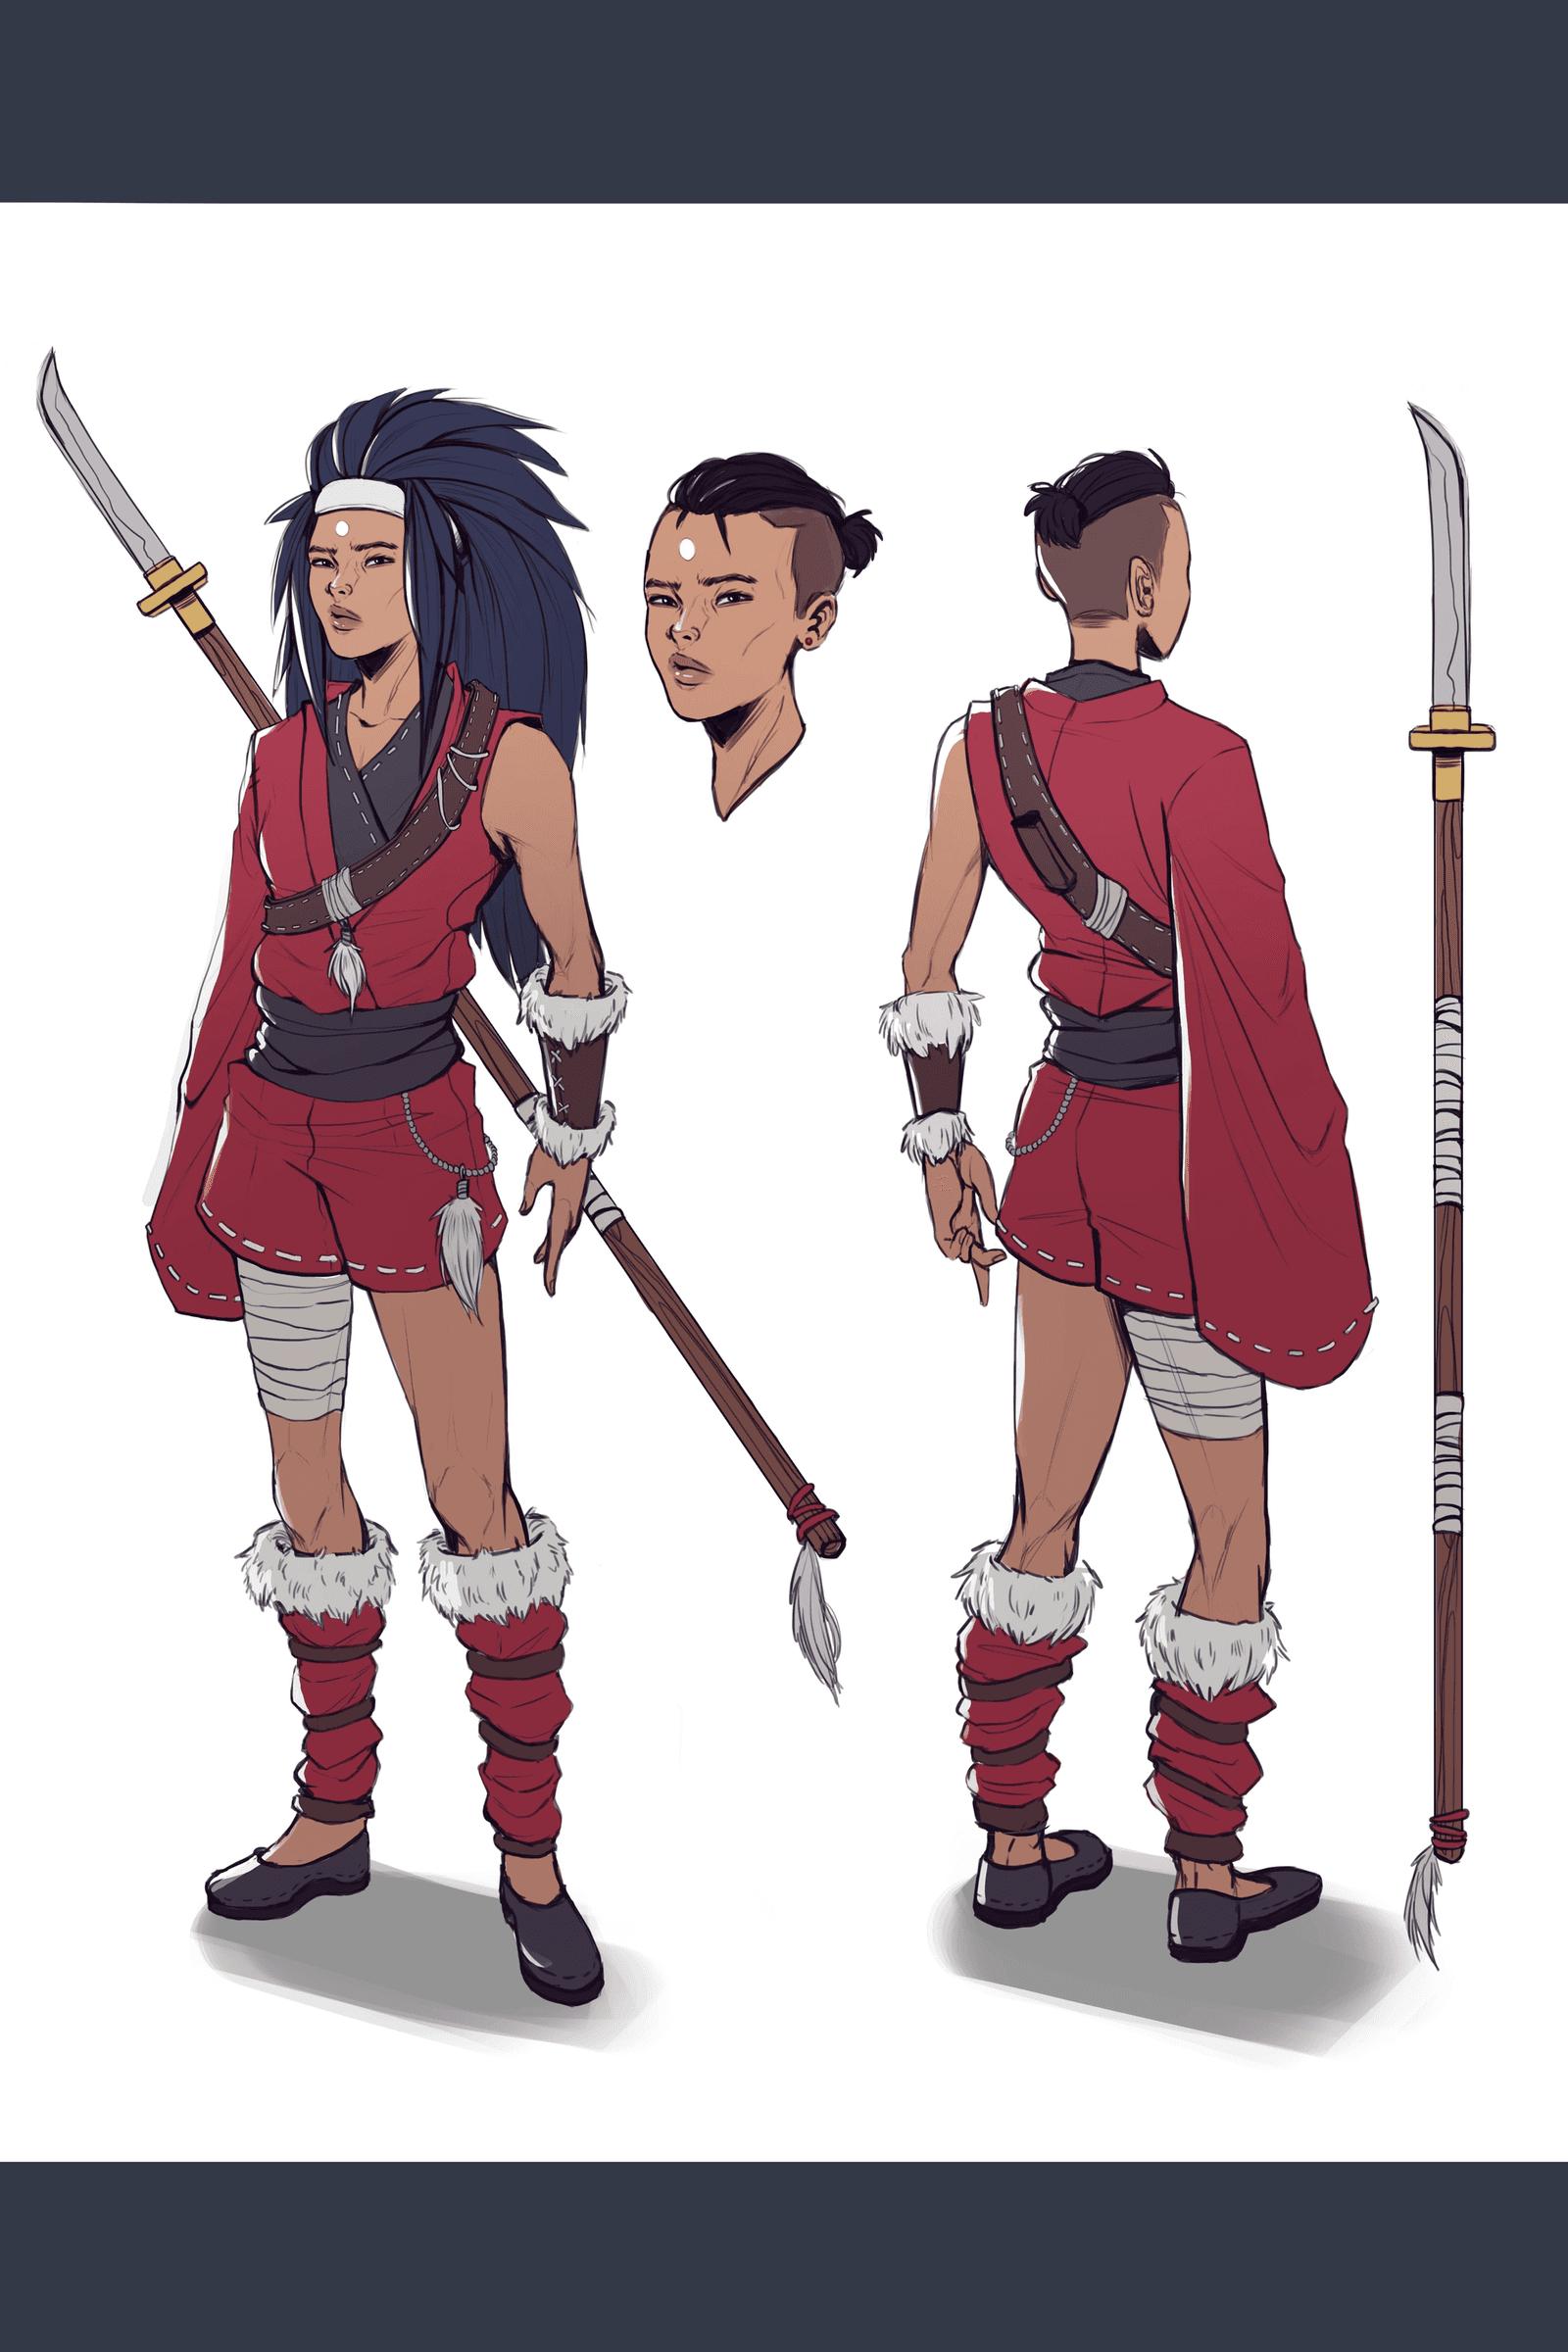 Ish'ku Warrior